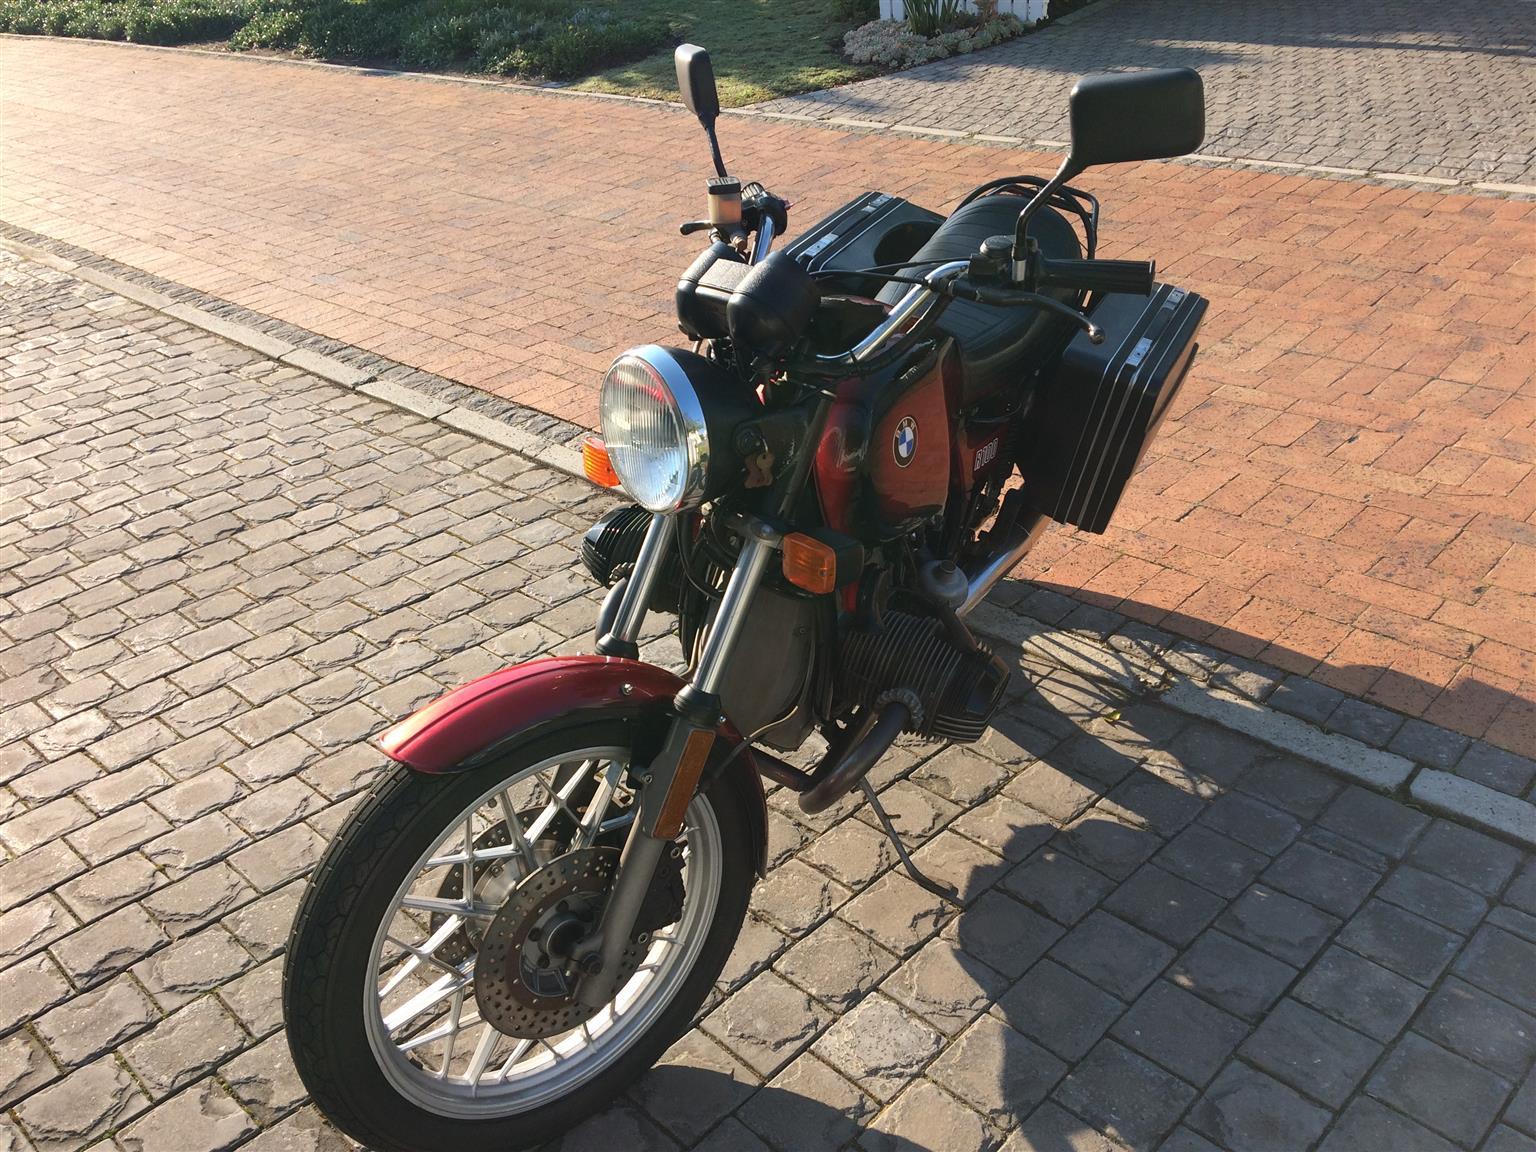 BMW R100 1984 - R65,000